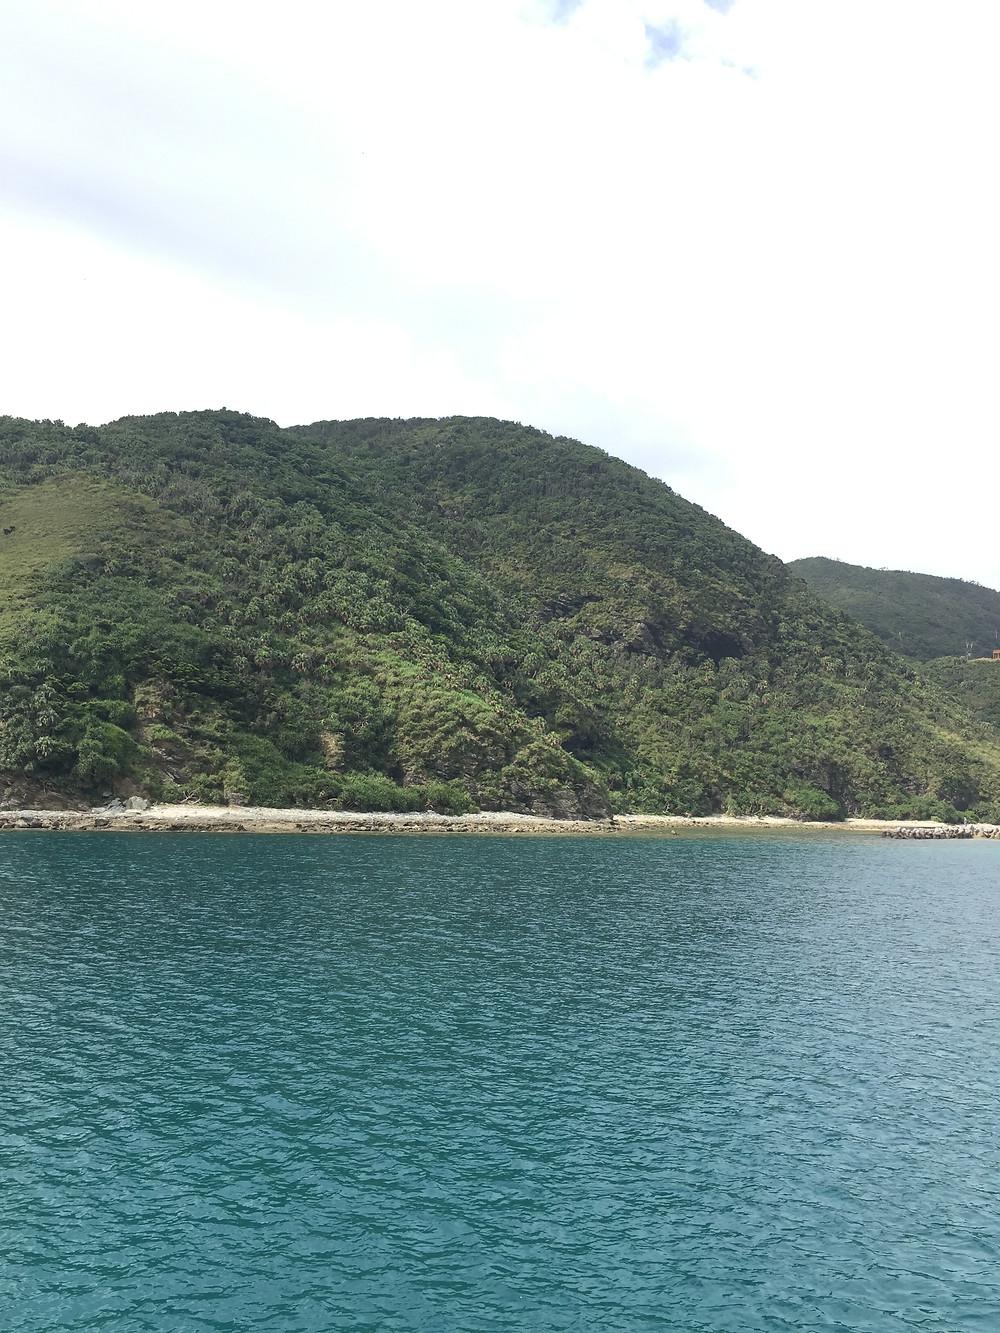 Arrivée sur l'île de Tokashiki Okinawa